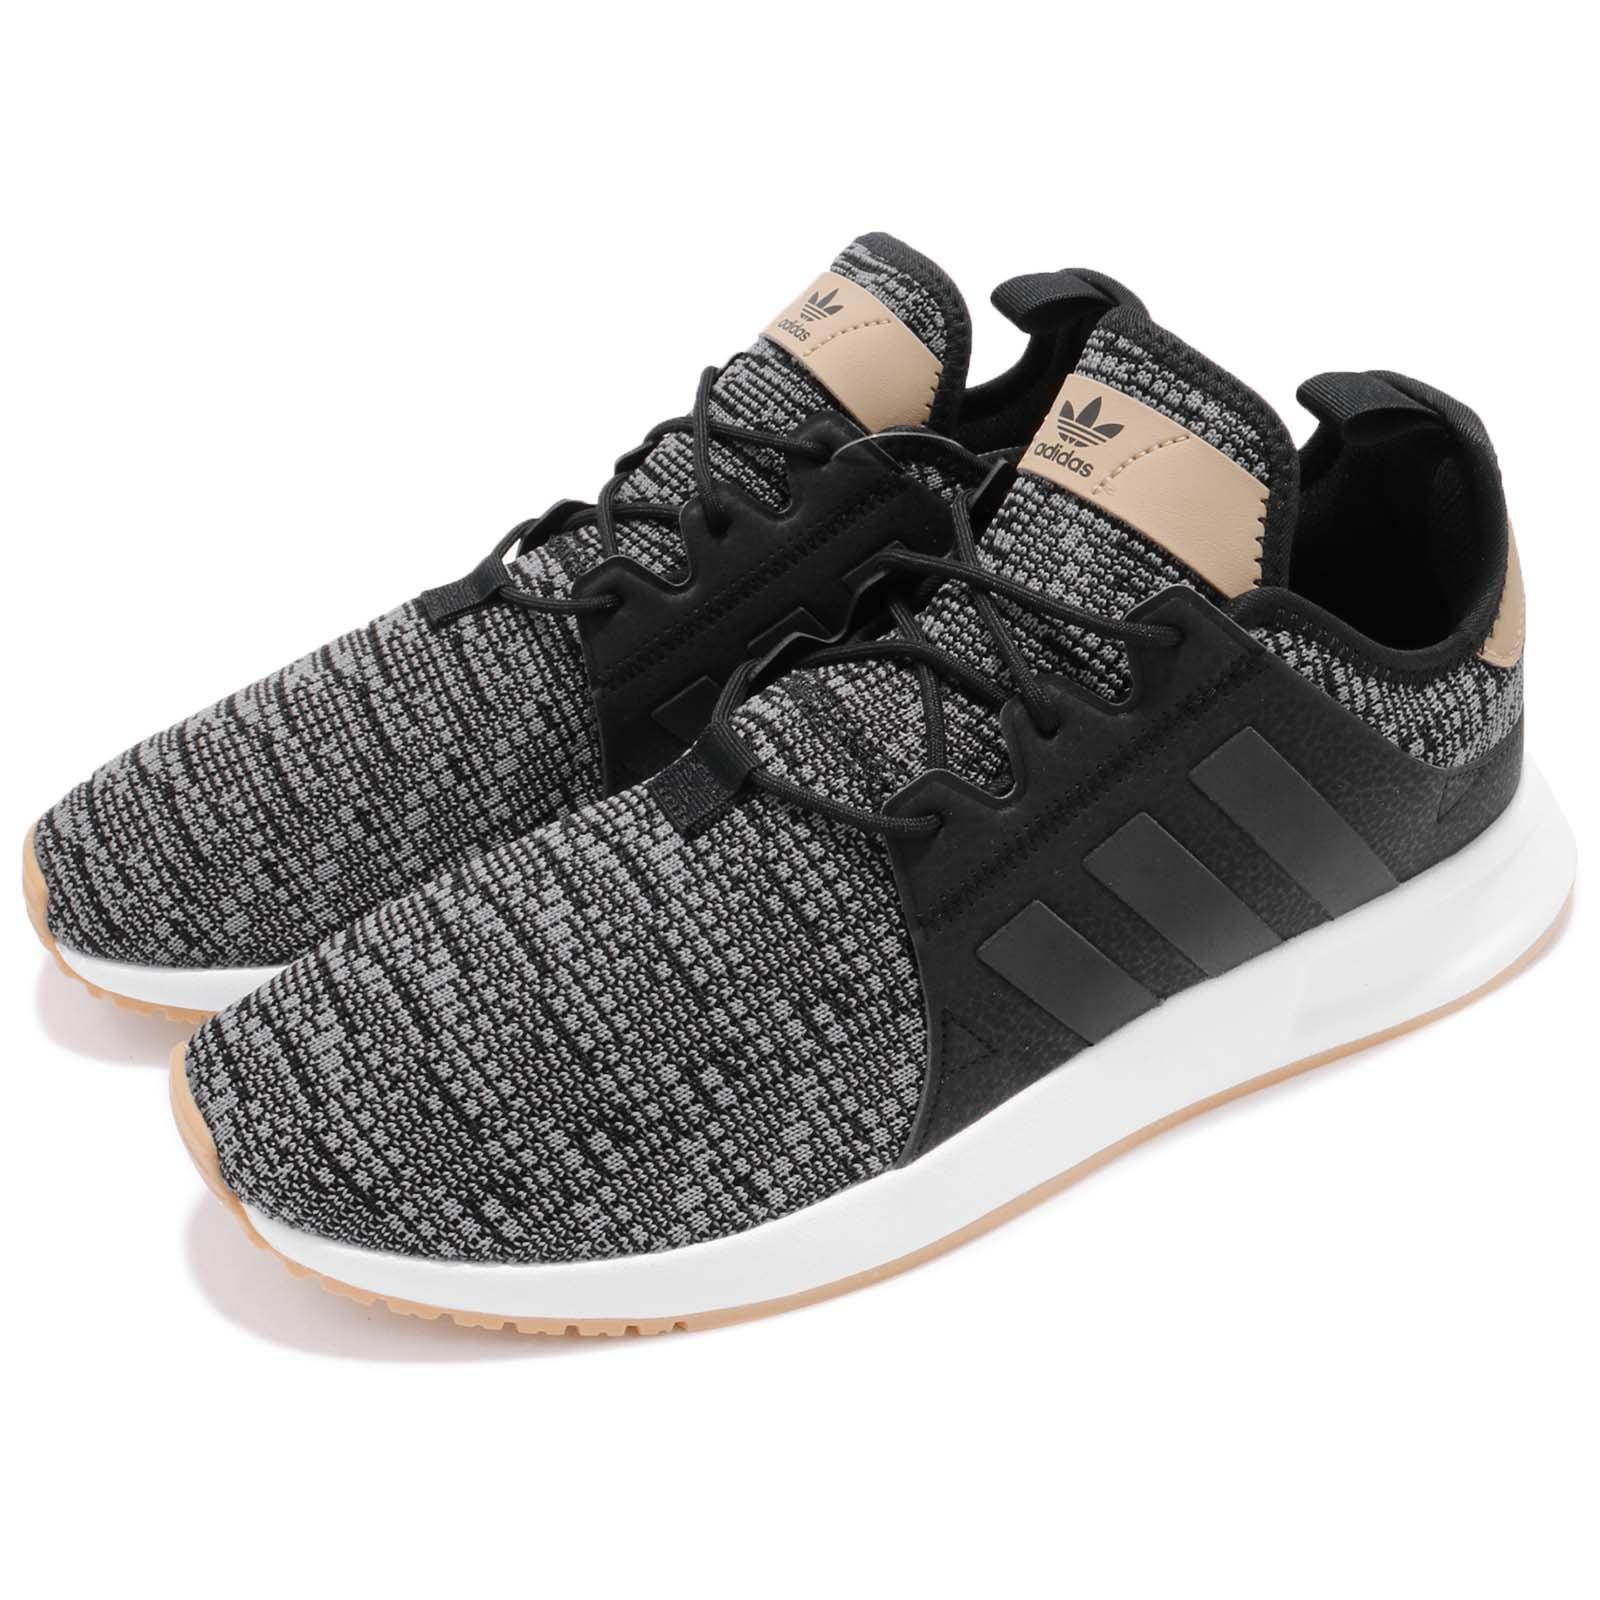 adidas 慢跑鞋 X_PLR 運動 男鞋 AH2360